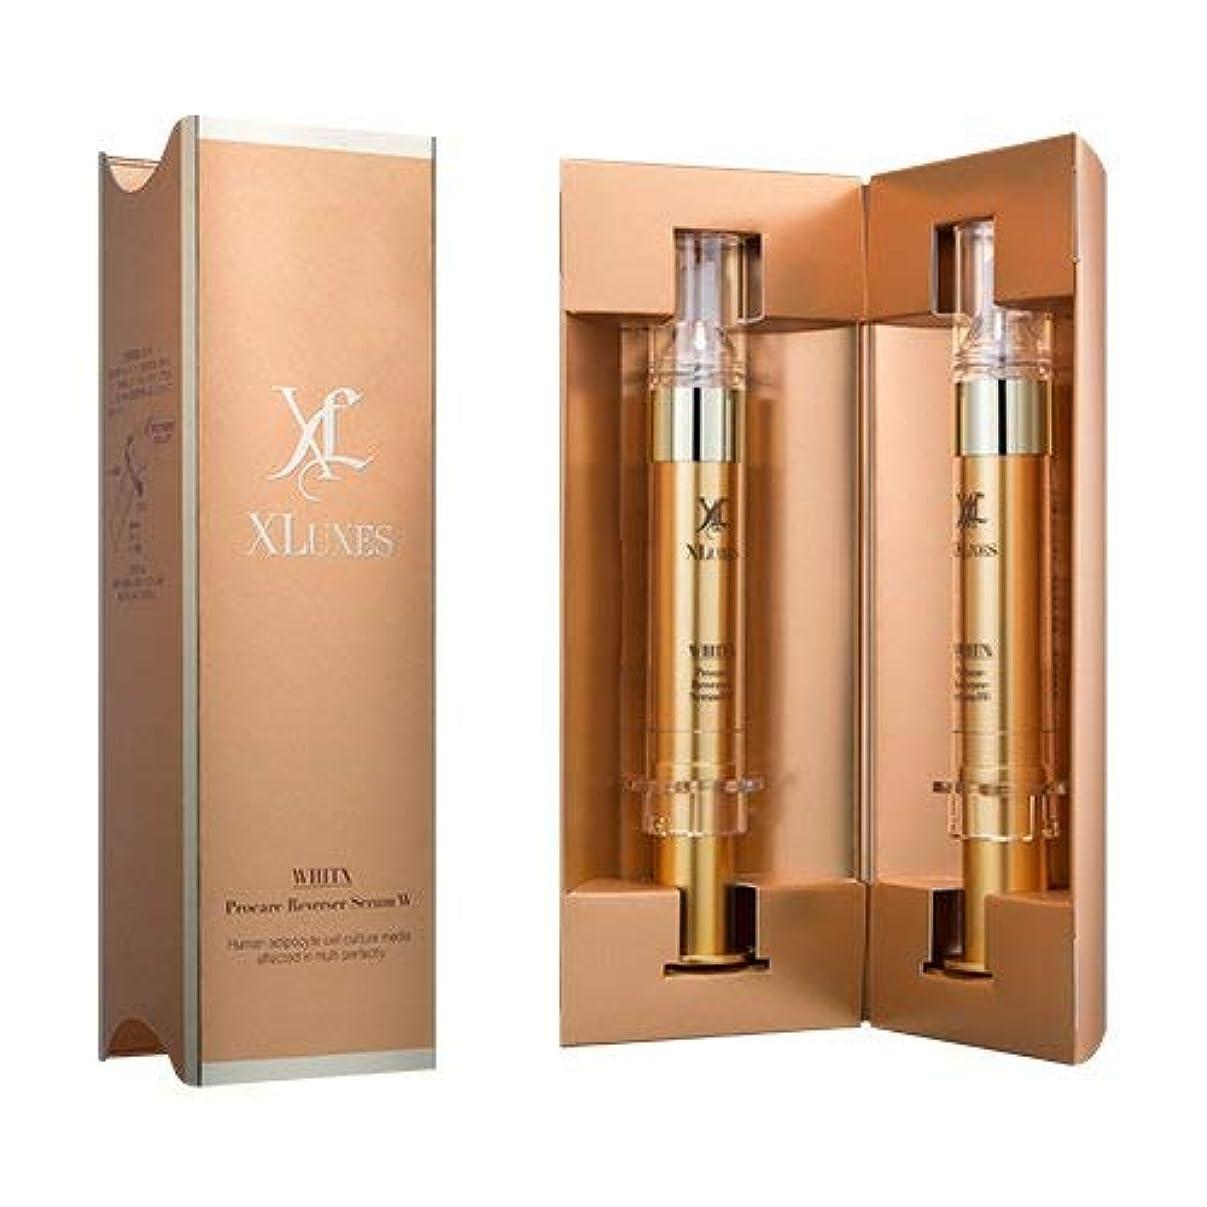 ブーストブレーキ模索XLUXES 美容液 [ヒト幹細胞 培養液配合] プロケア リバーサーセラムW (20mL×2本入)